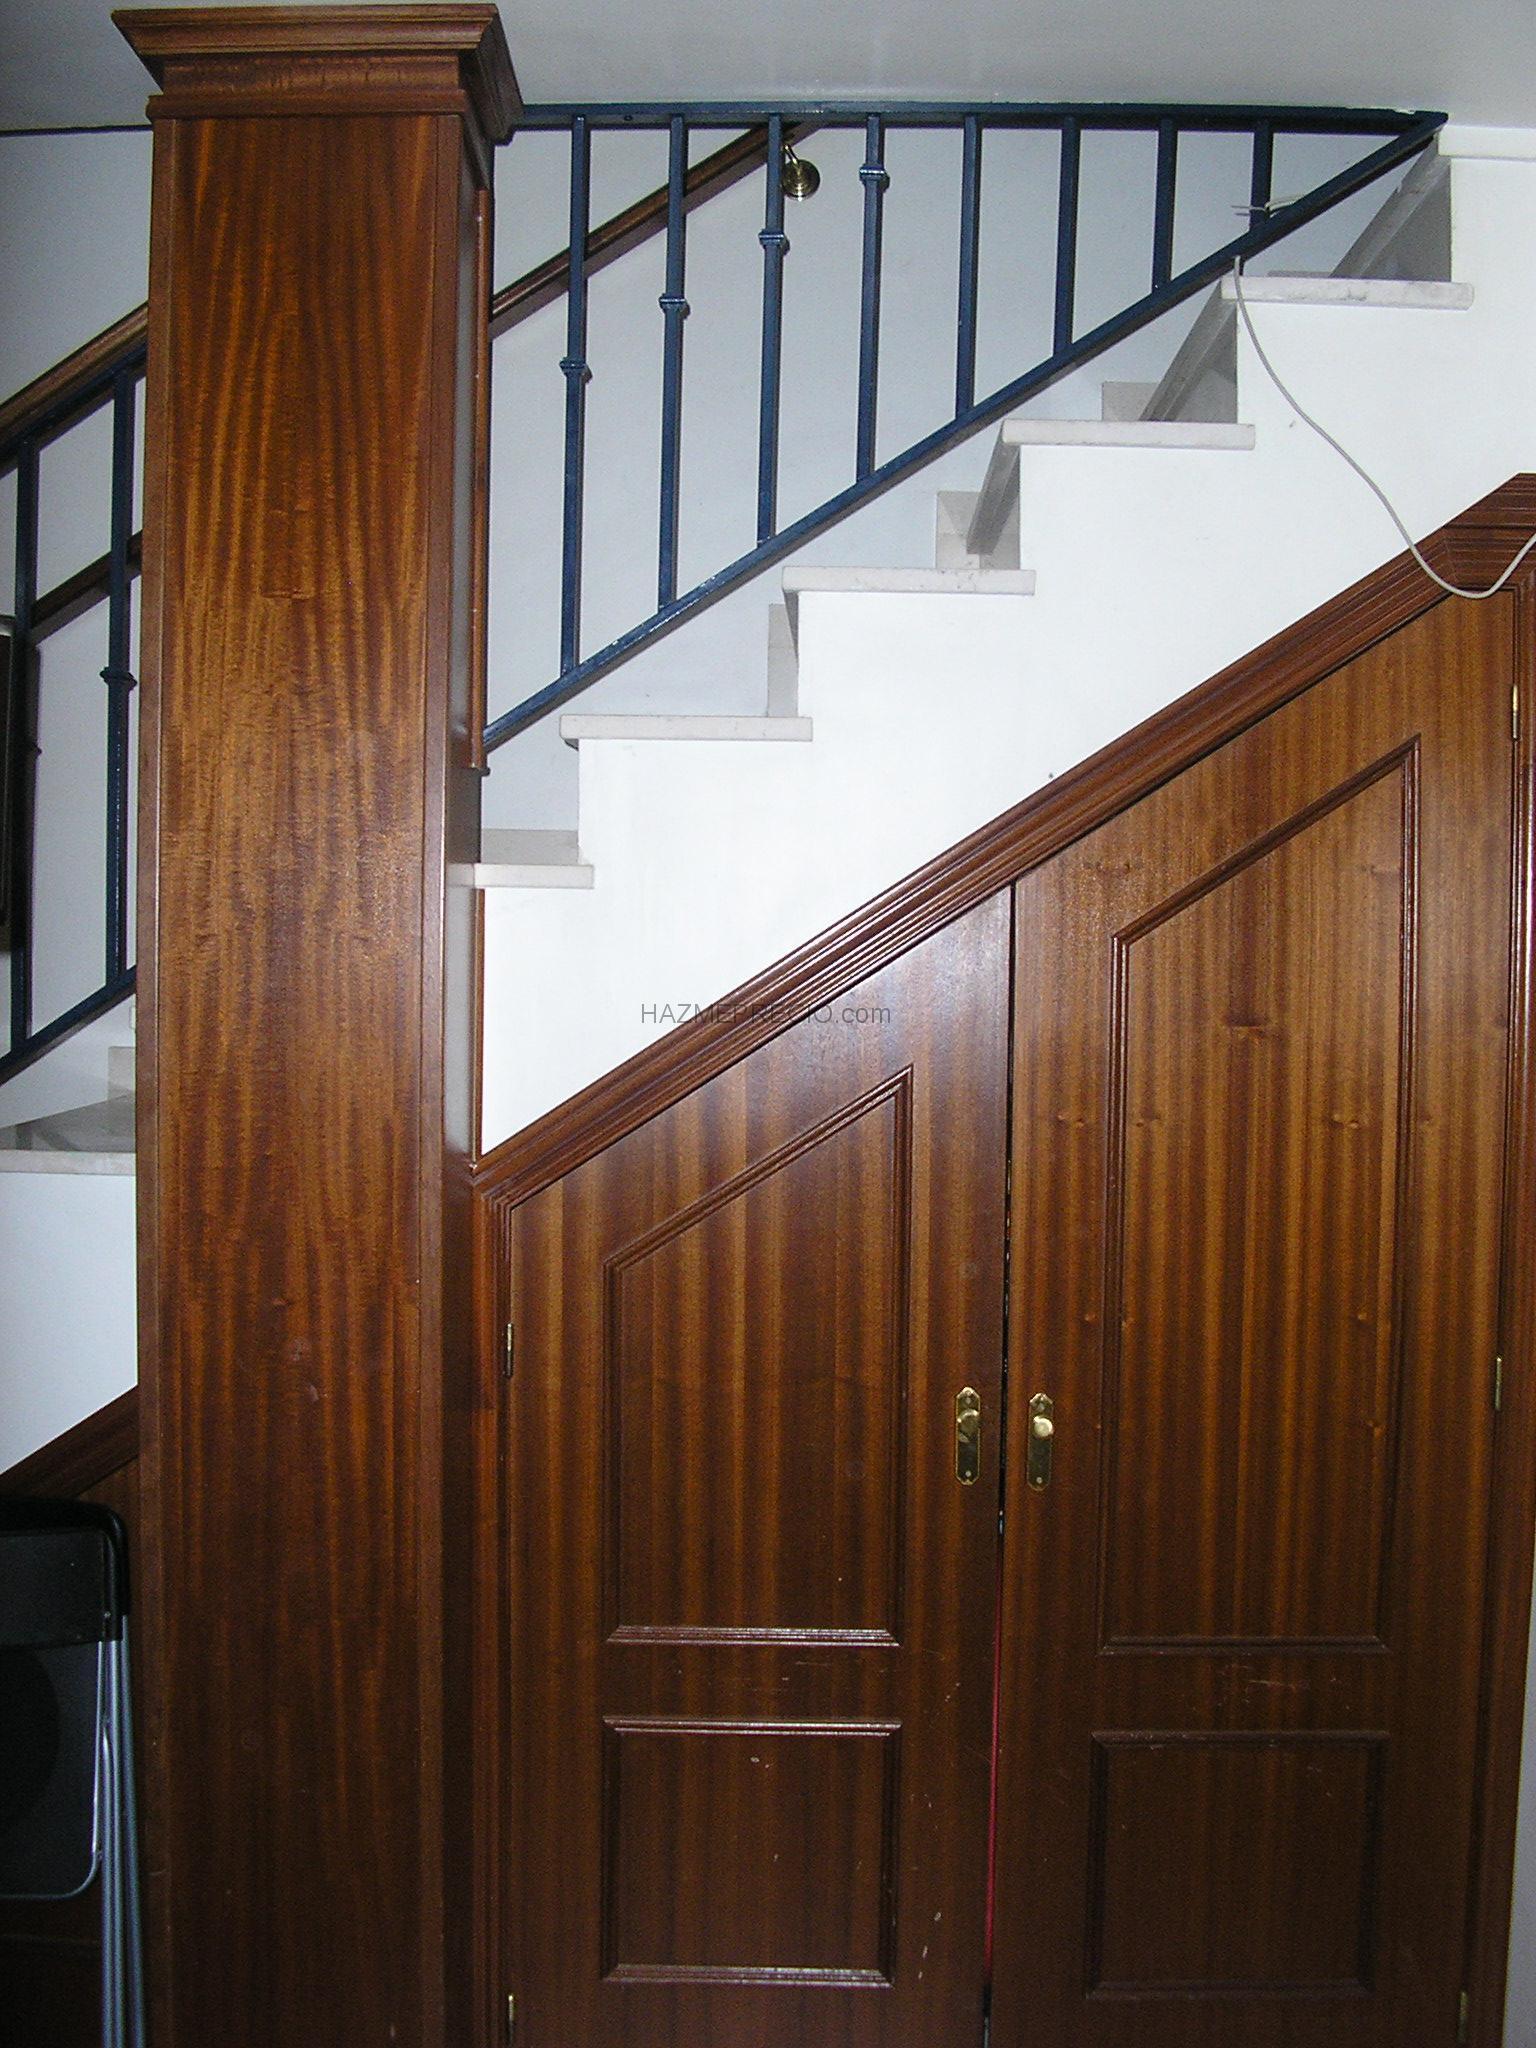 Presupuesto para hacer e instalar puerta de paso de forja for Presupuesto puertas